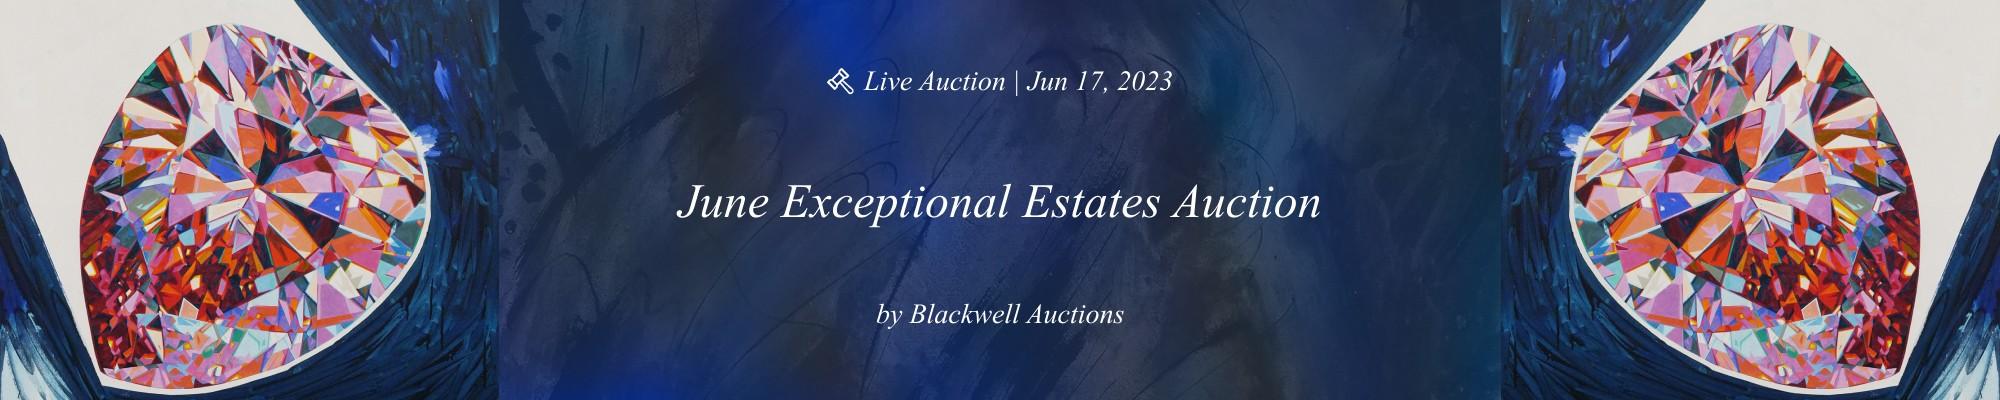 november-21st-exceptional-estates-auction